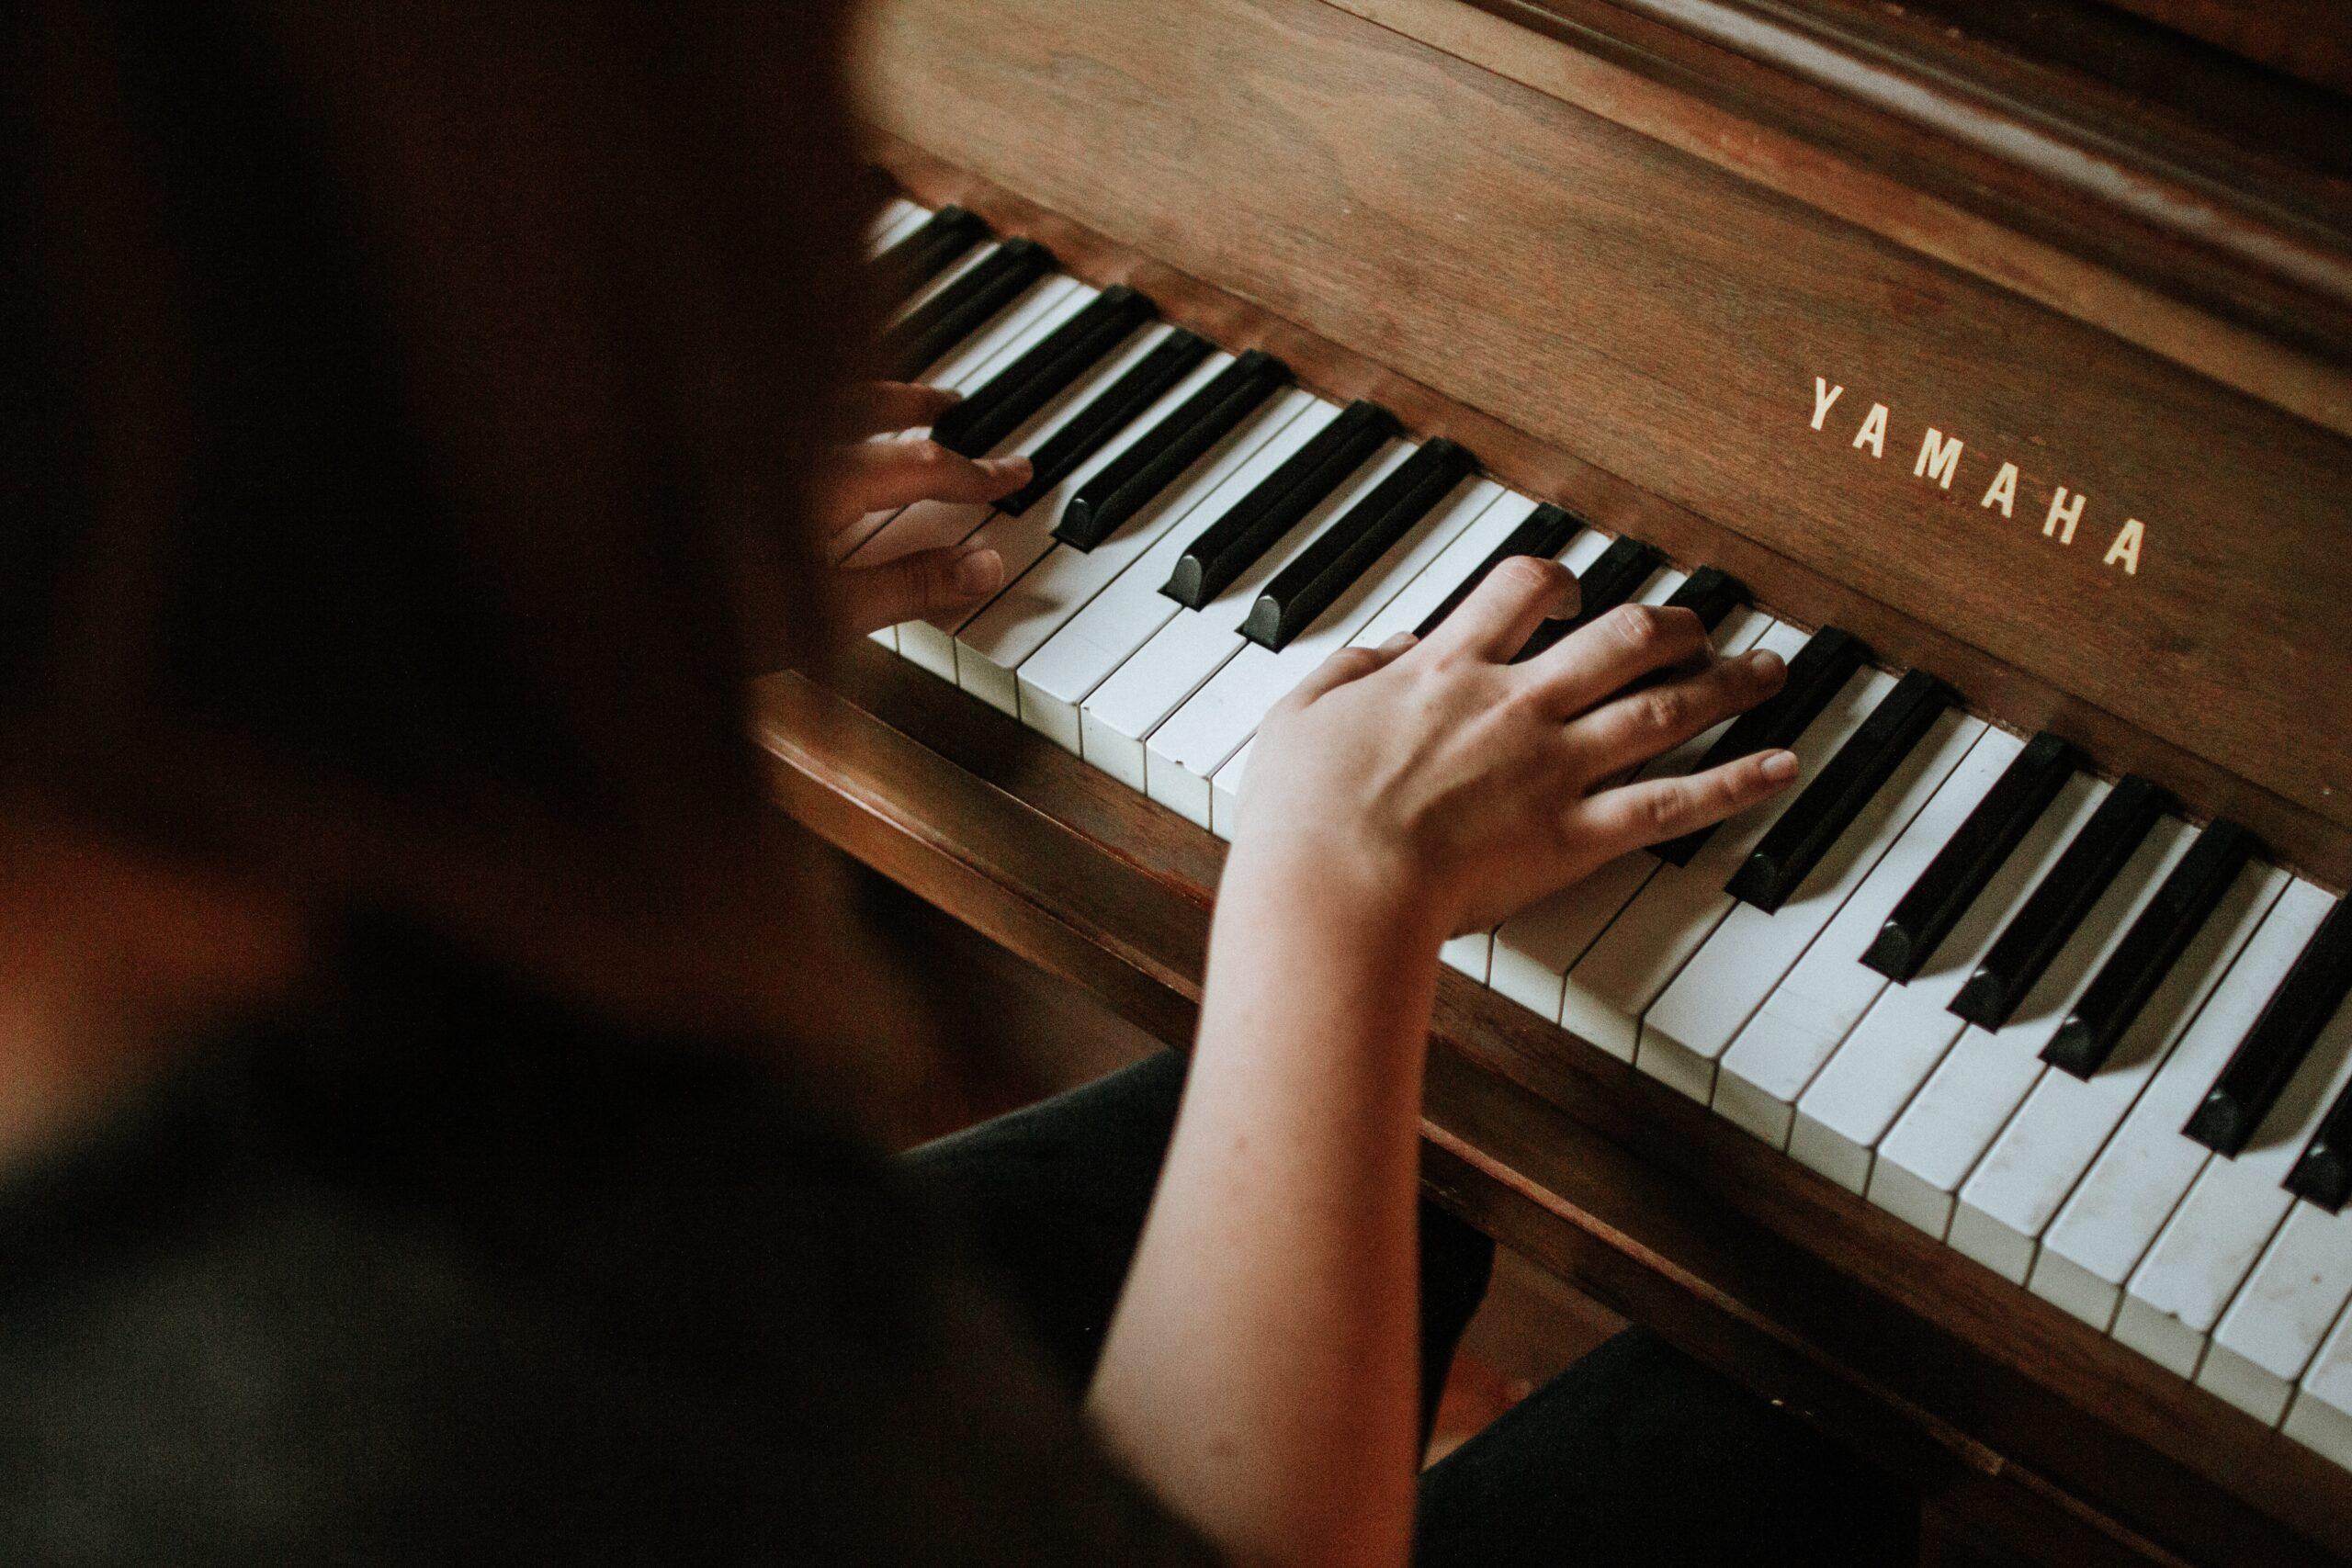 Klavier spielen lernen: So klappt es mit dem Pianospielen